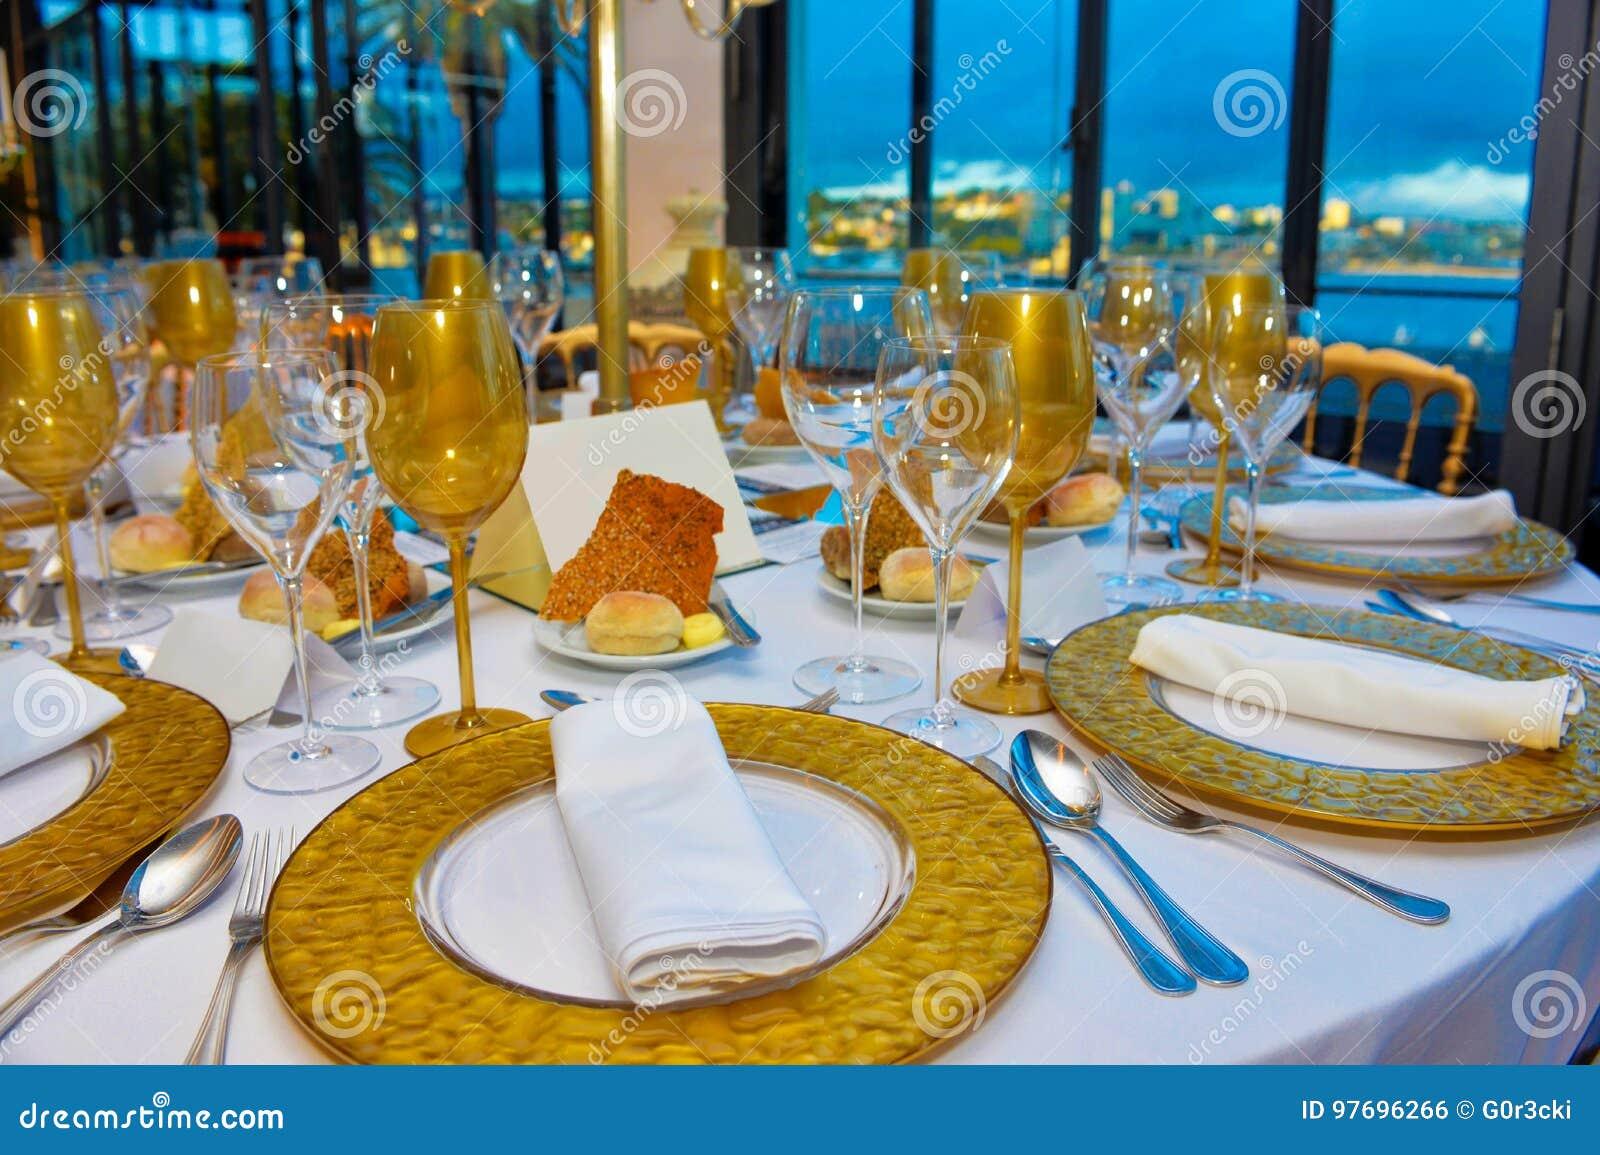 Ereignis Tabellen Eingestellt Abendessen Mit Meerblick